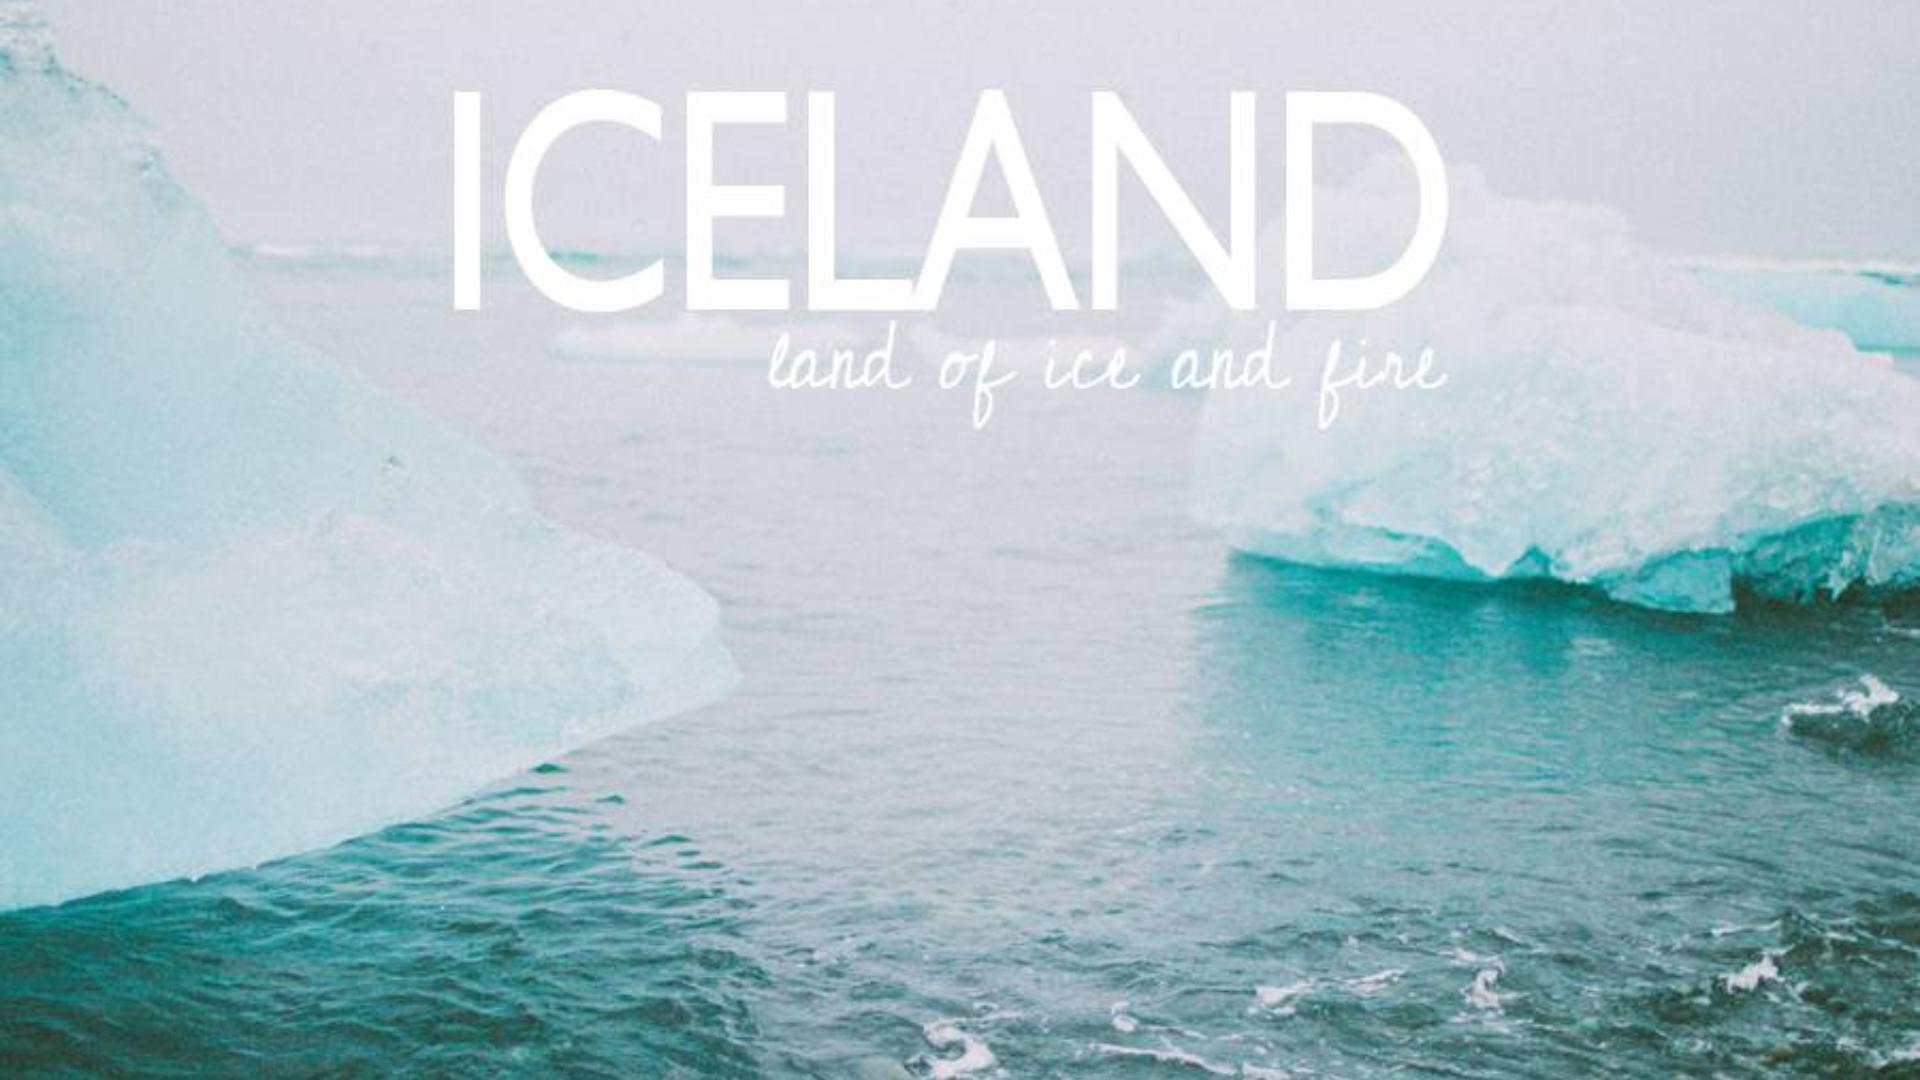 [纪录片]自然世界:冰岛:冰与火的国度[中英字幕]